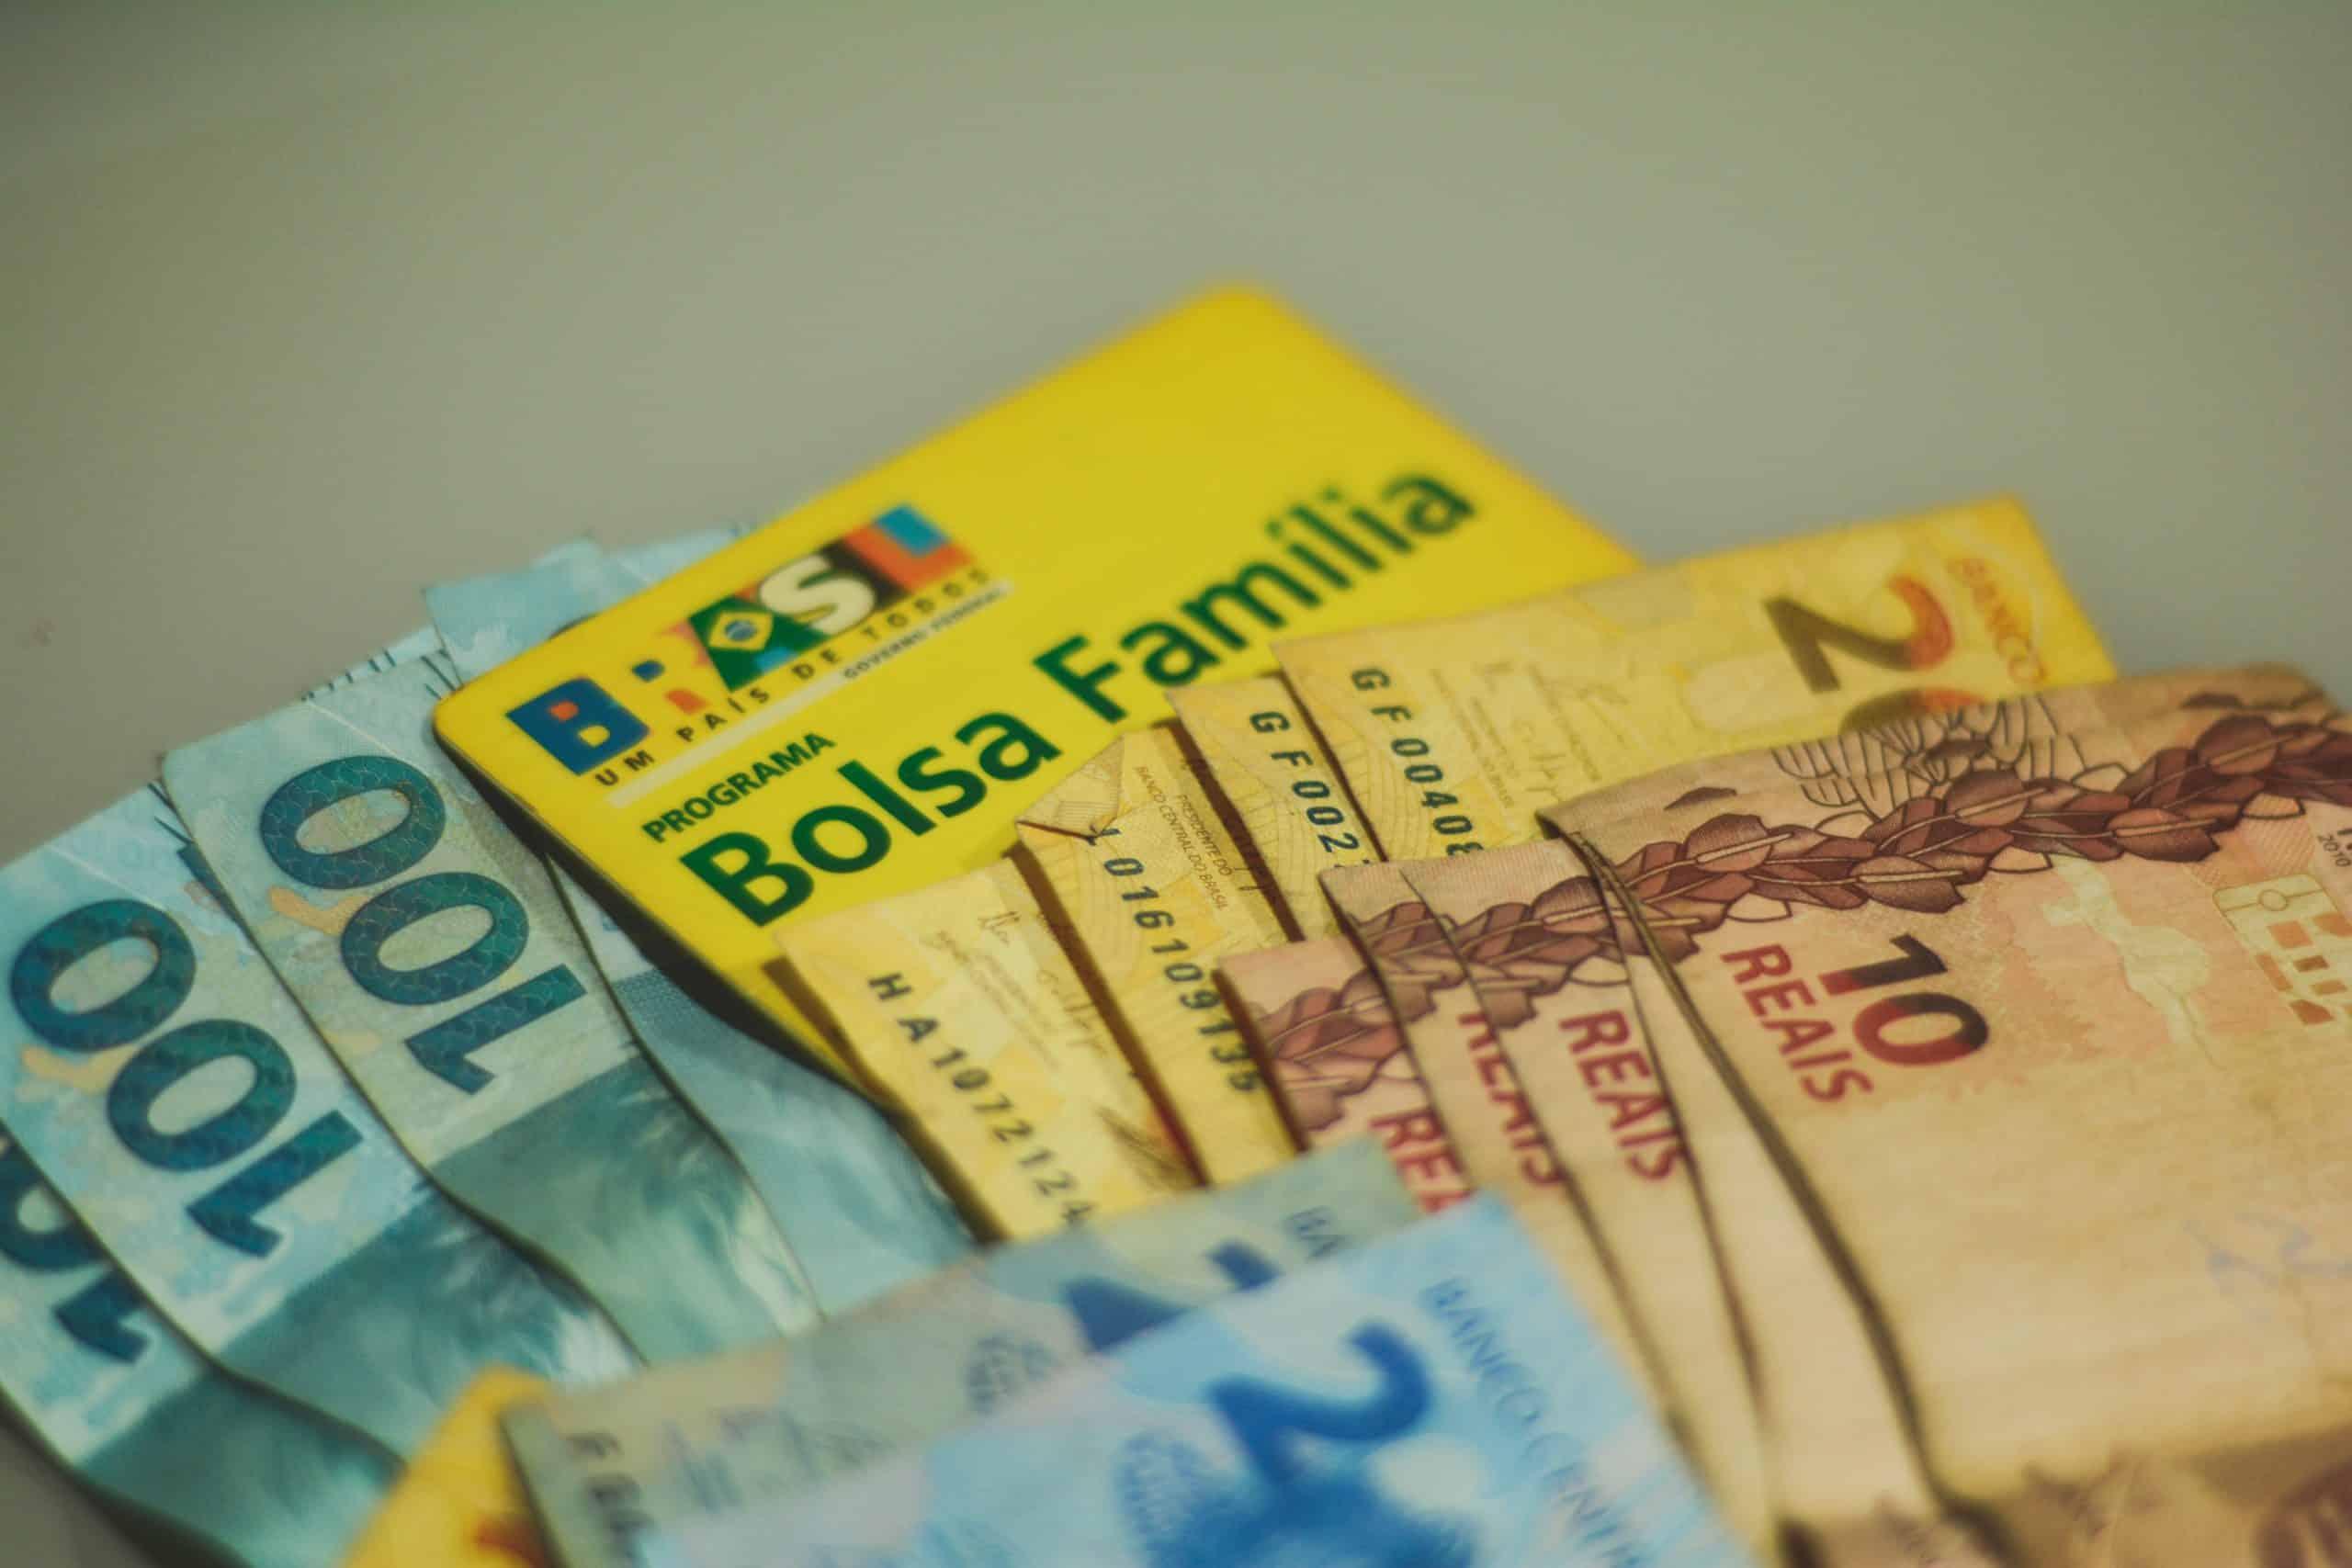 Consignado do Bolsa Família vai liberar empréstimo com taxa de 1,2% (Imagem: Marcos Rocha/ FDR)